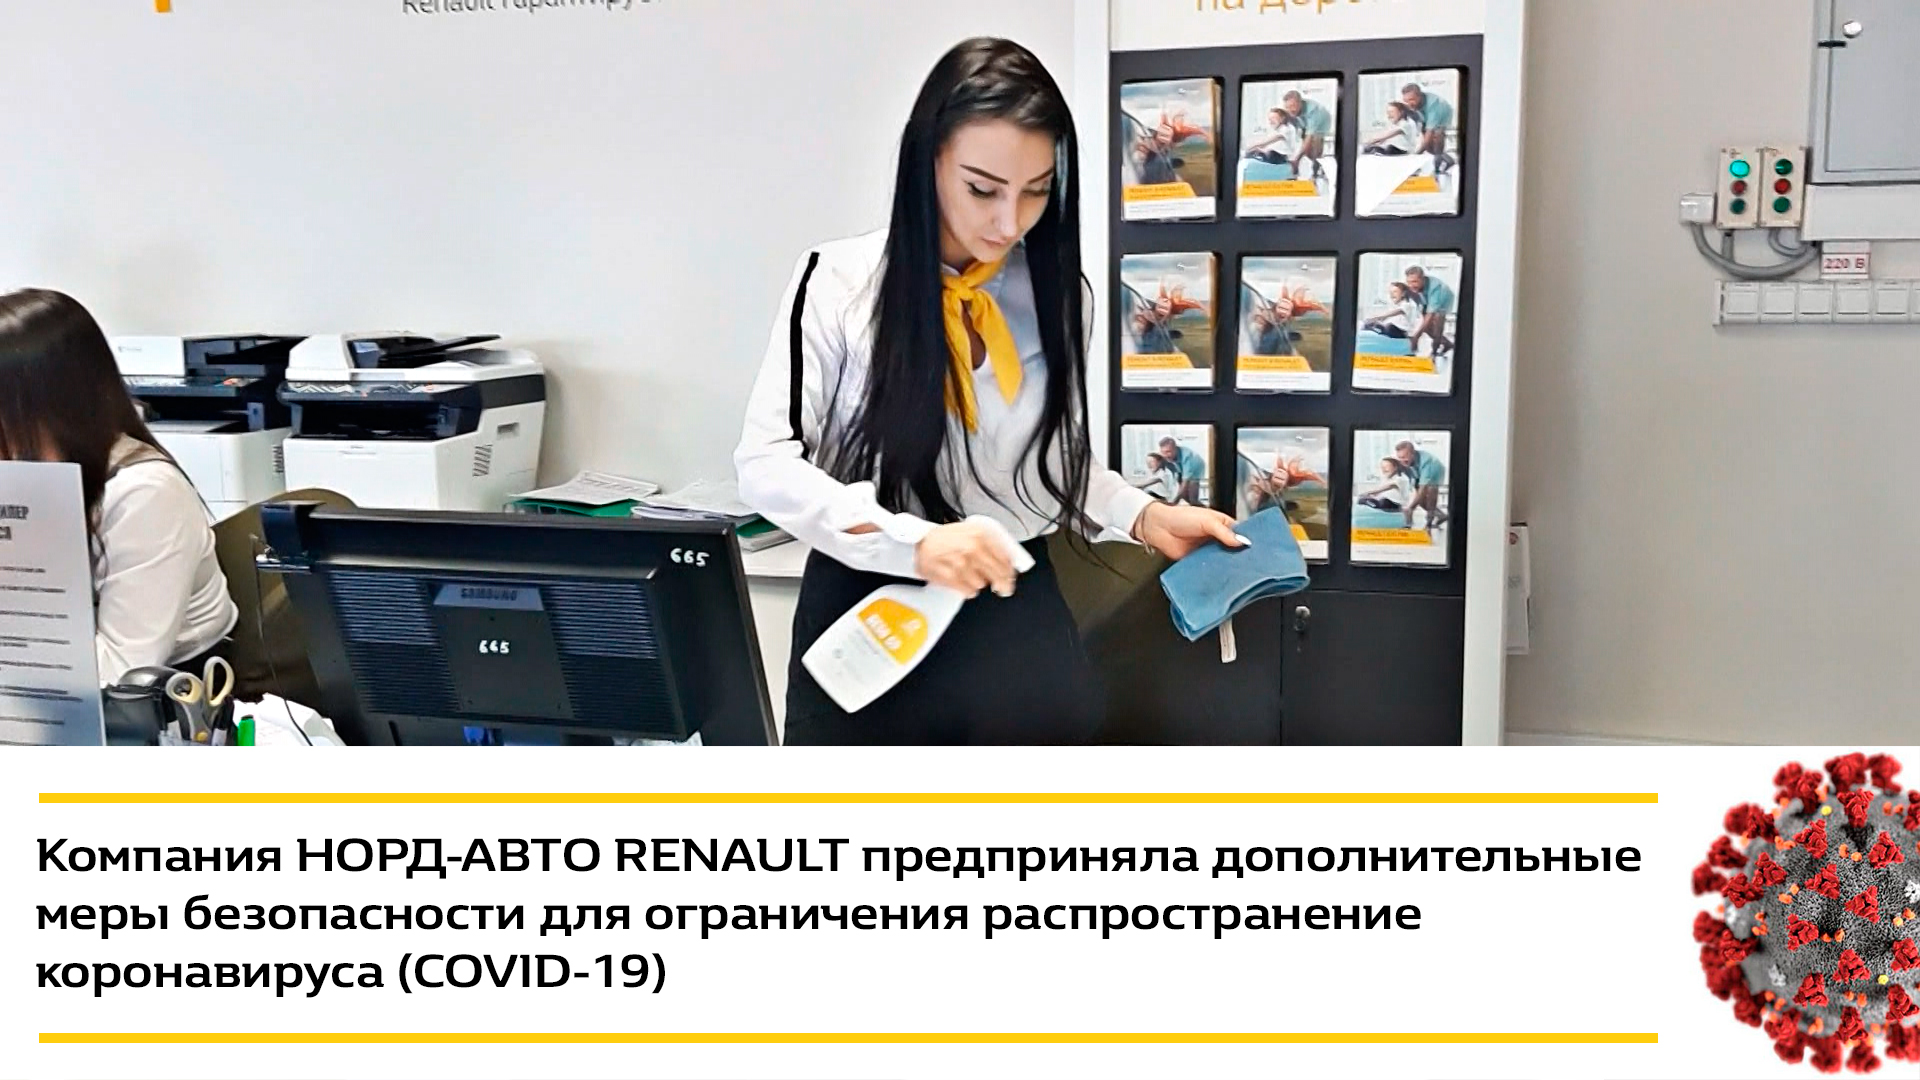 Компания НОРД-АВТО RENAULT предприняла дополнительные меры безопасности для ограничения распространение коронавируса